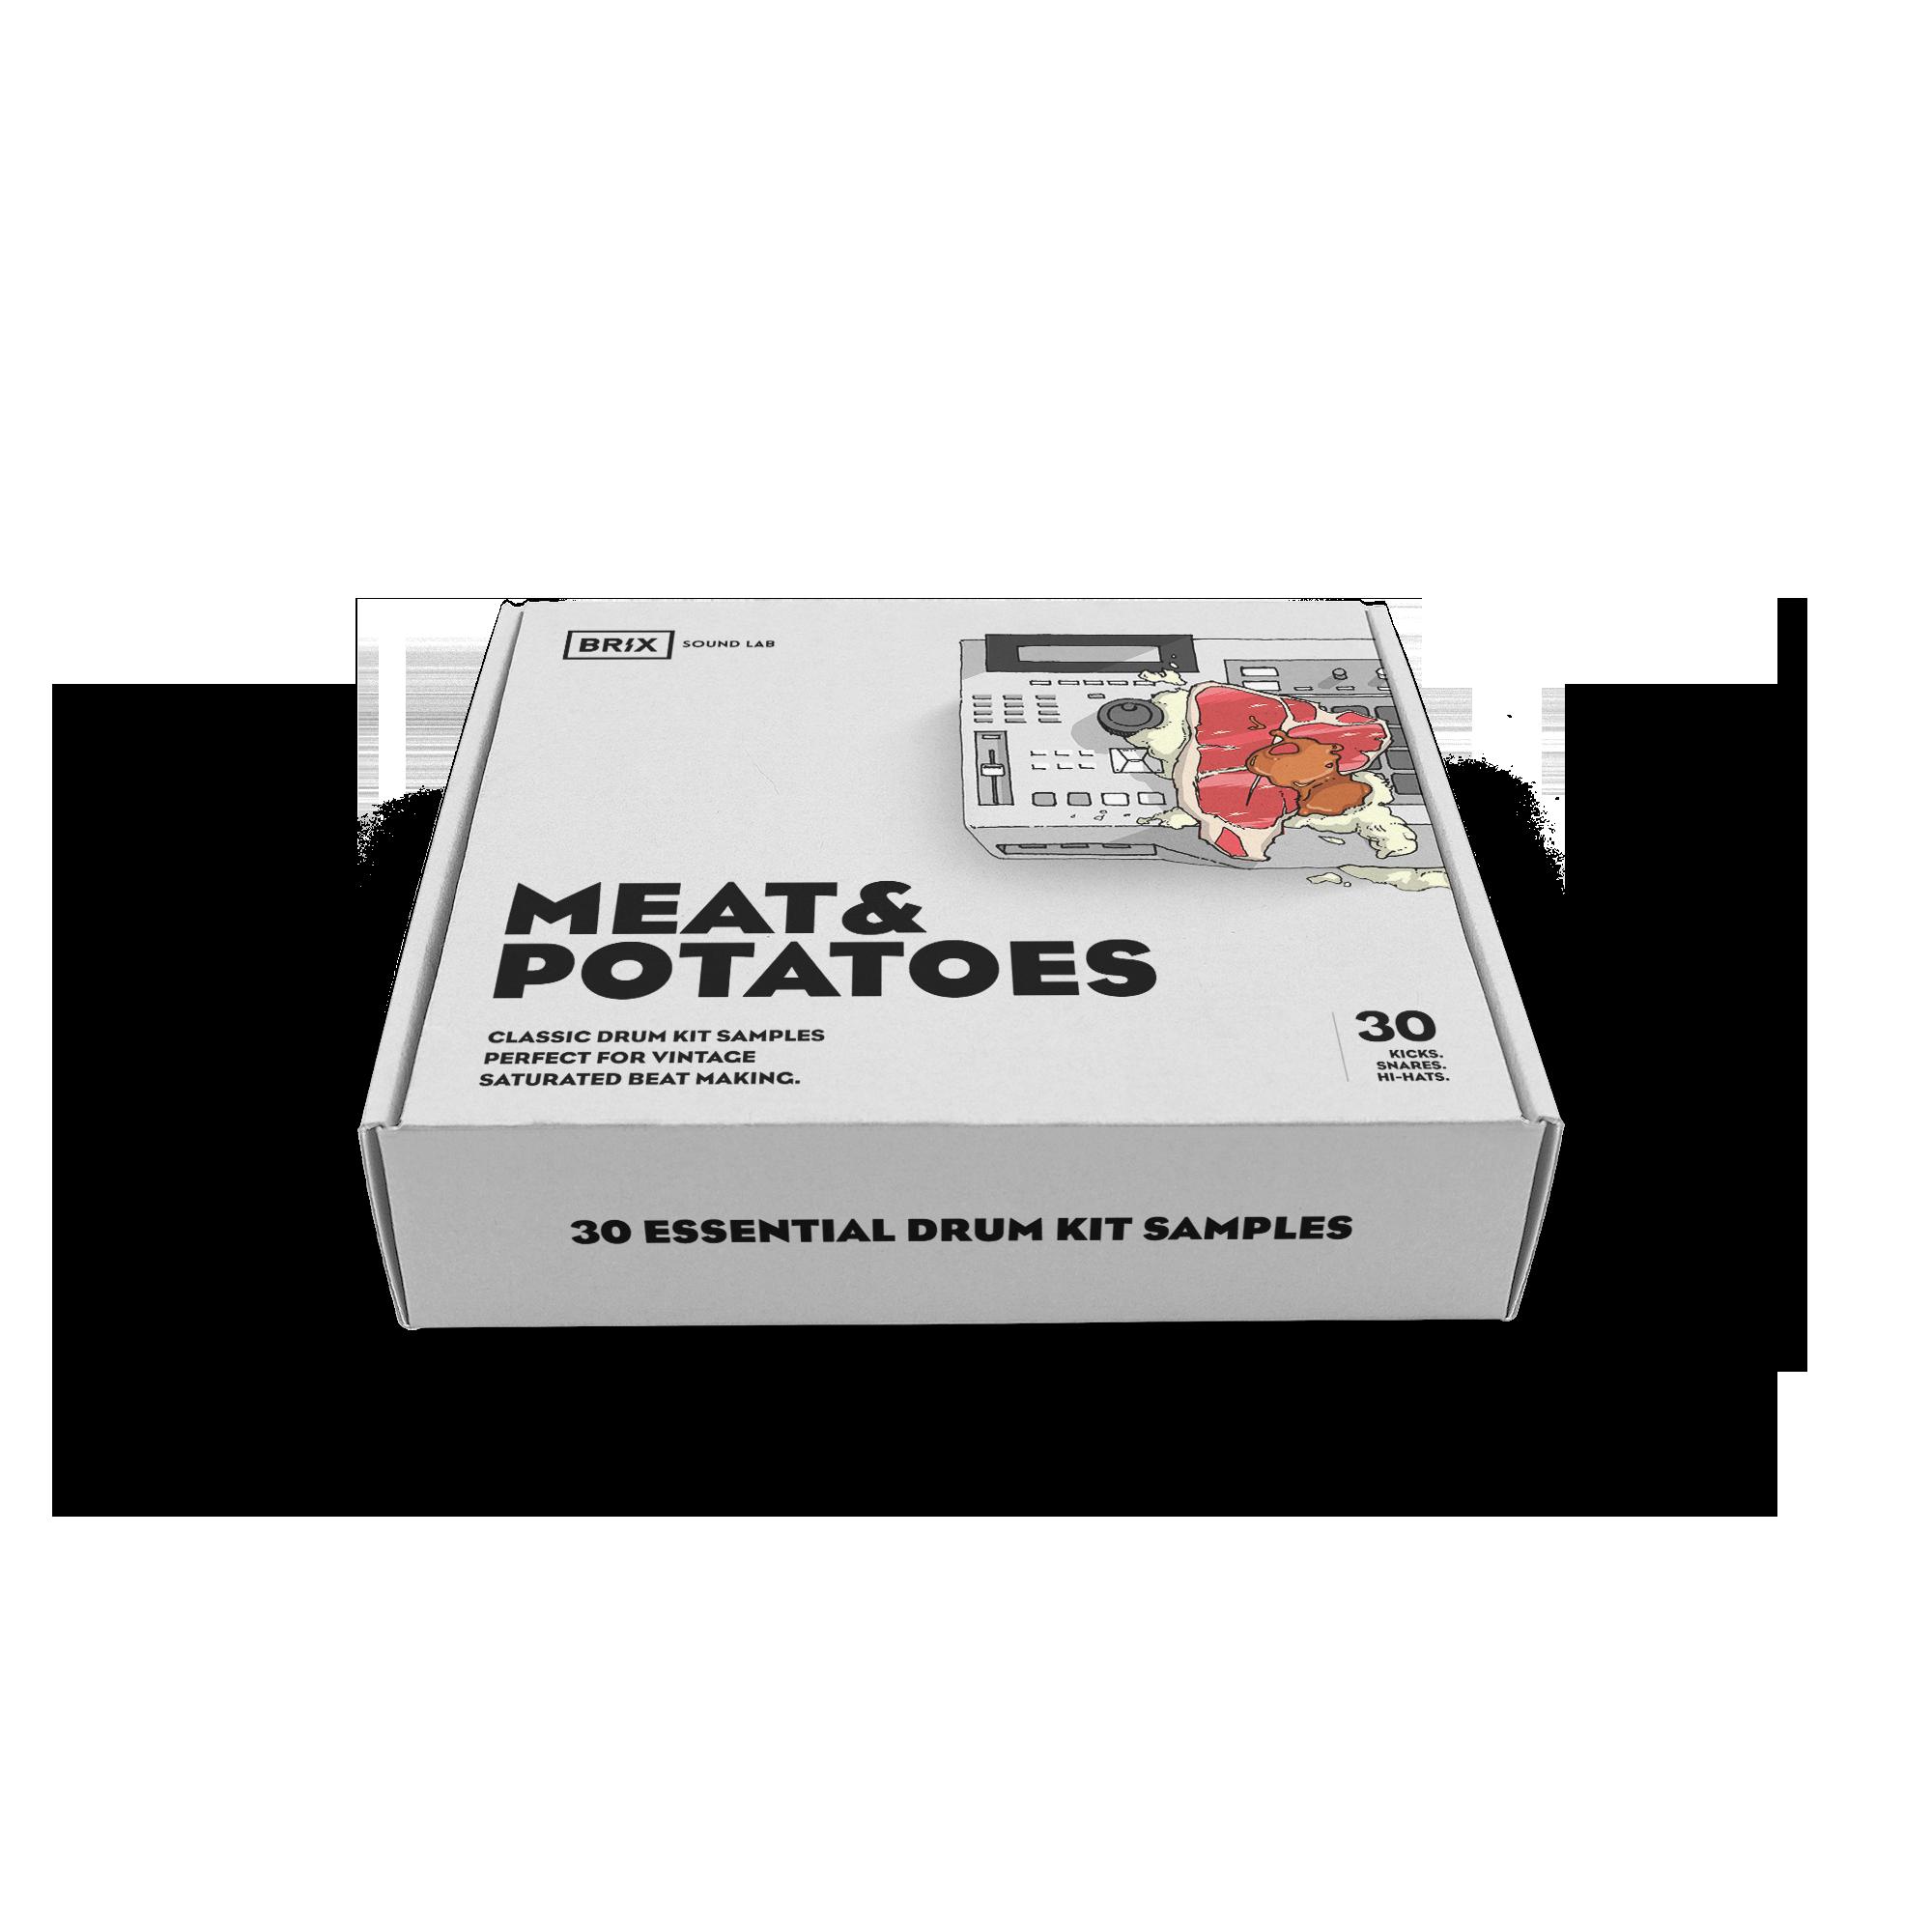 box-02.png